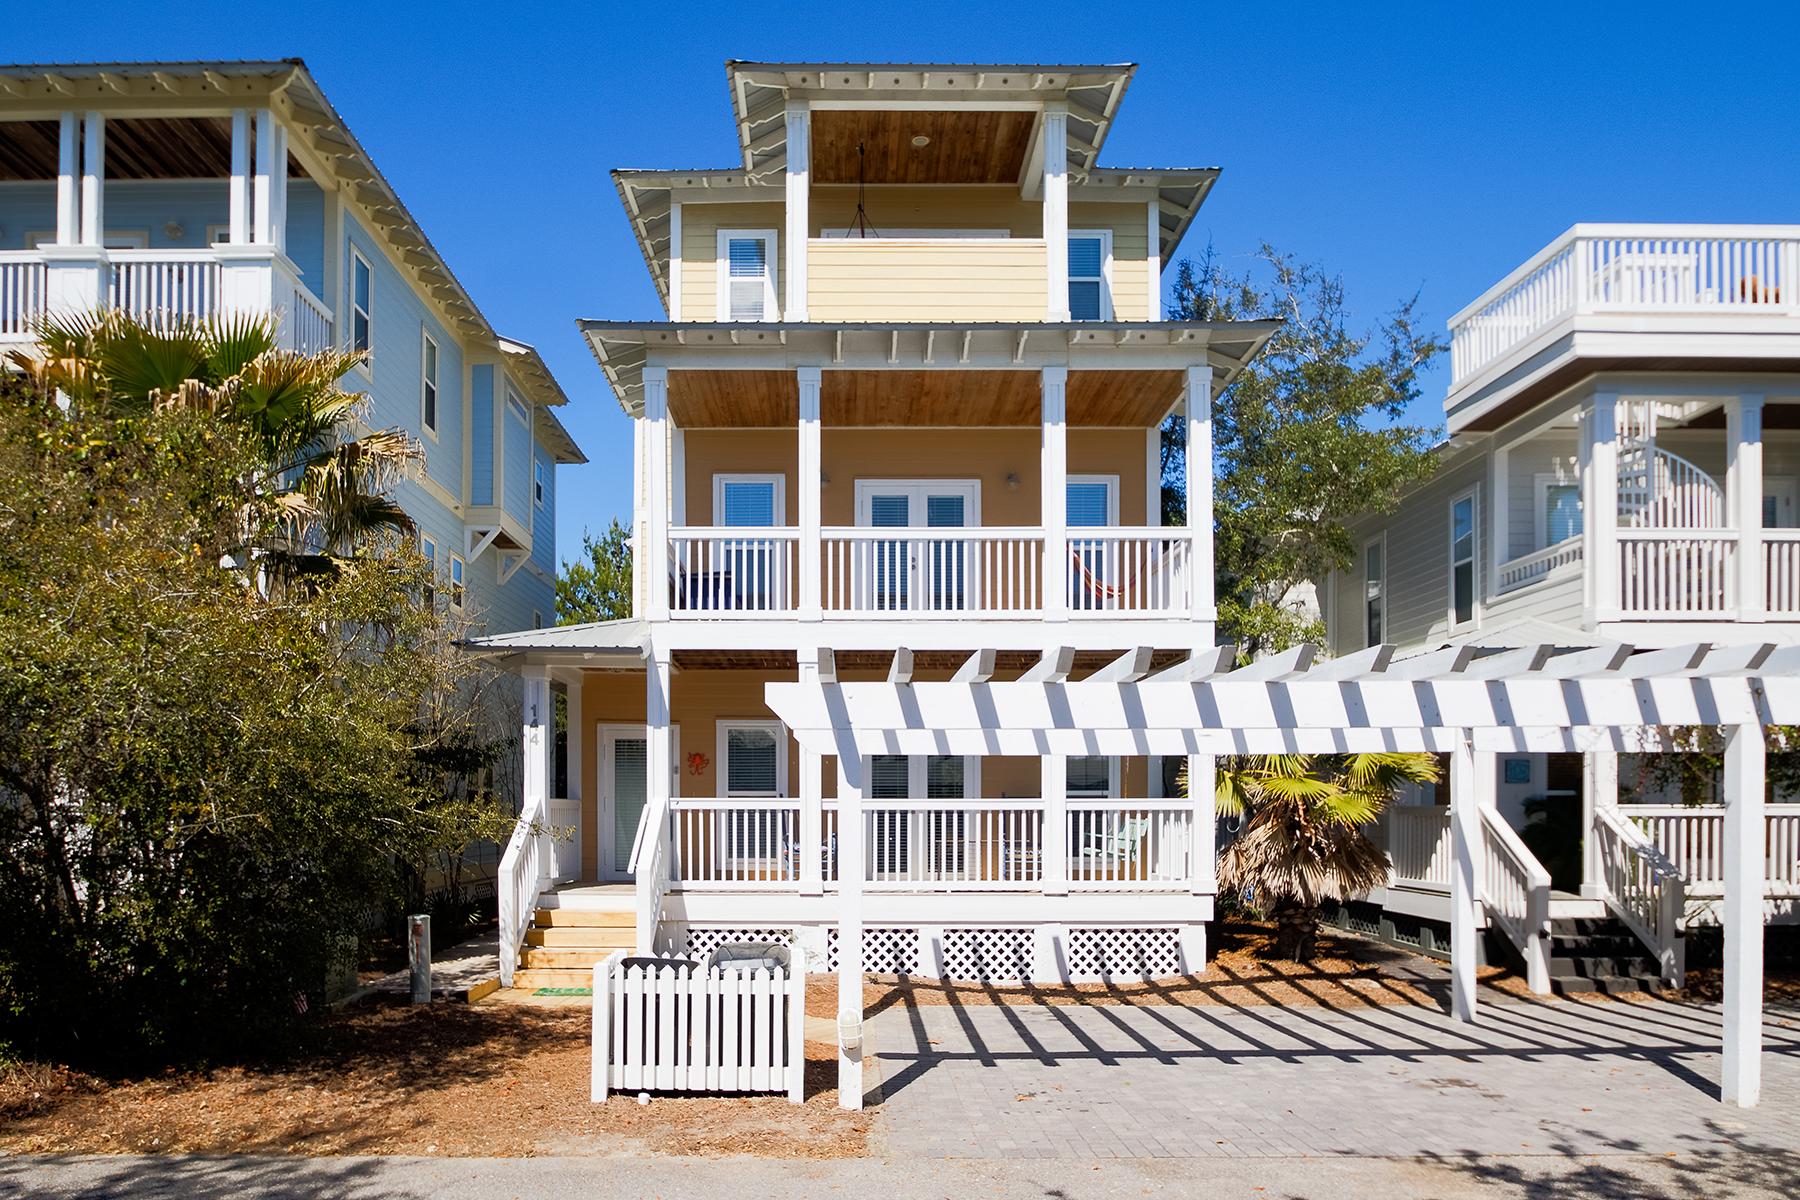 Частный односемейный дом для того Продажа на Newly Updated Cottage with Gulf Views 144 Cottage Way, Inlet Beach, Флорида, 32461 Соединенные Штаты